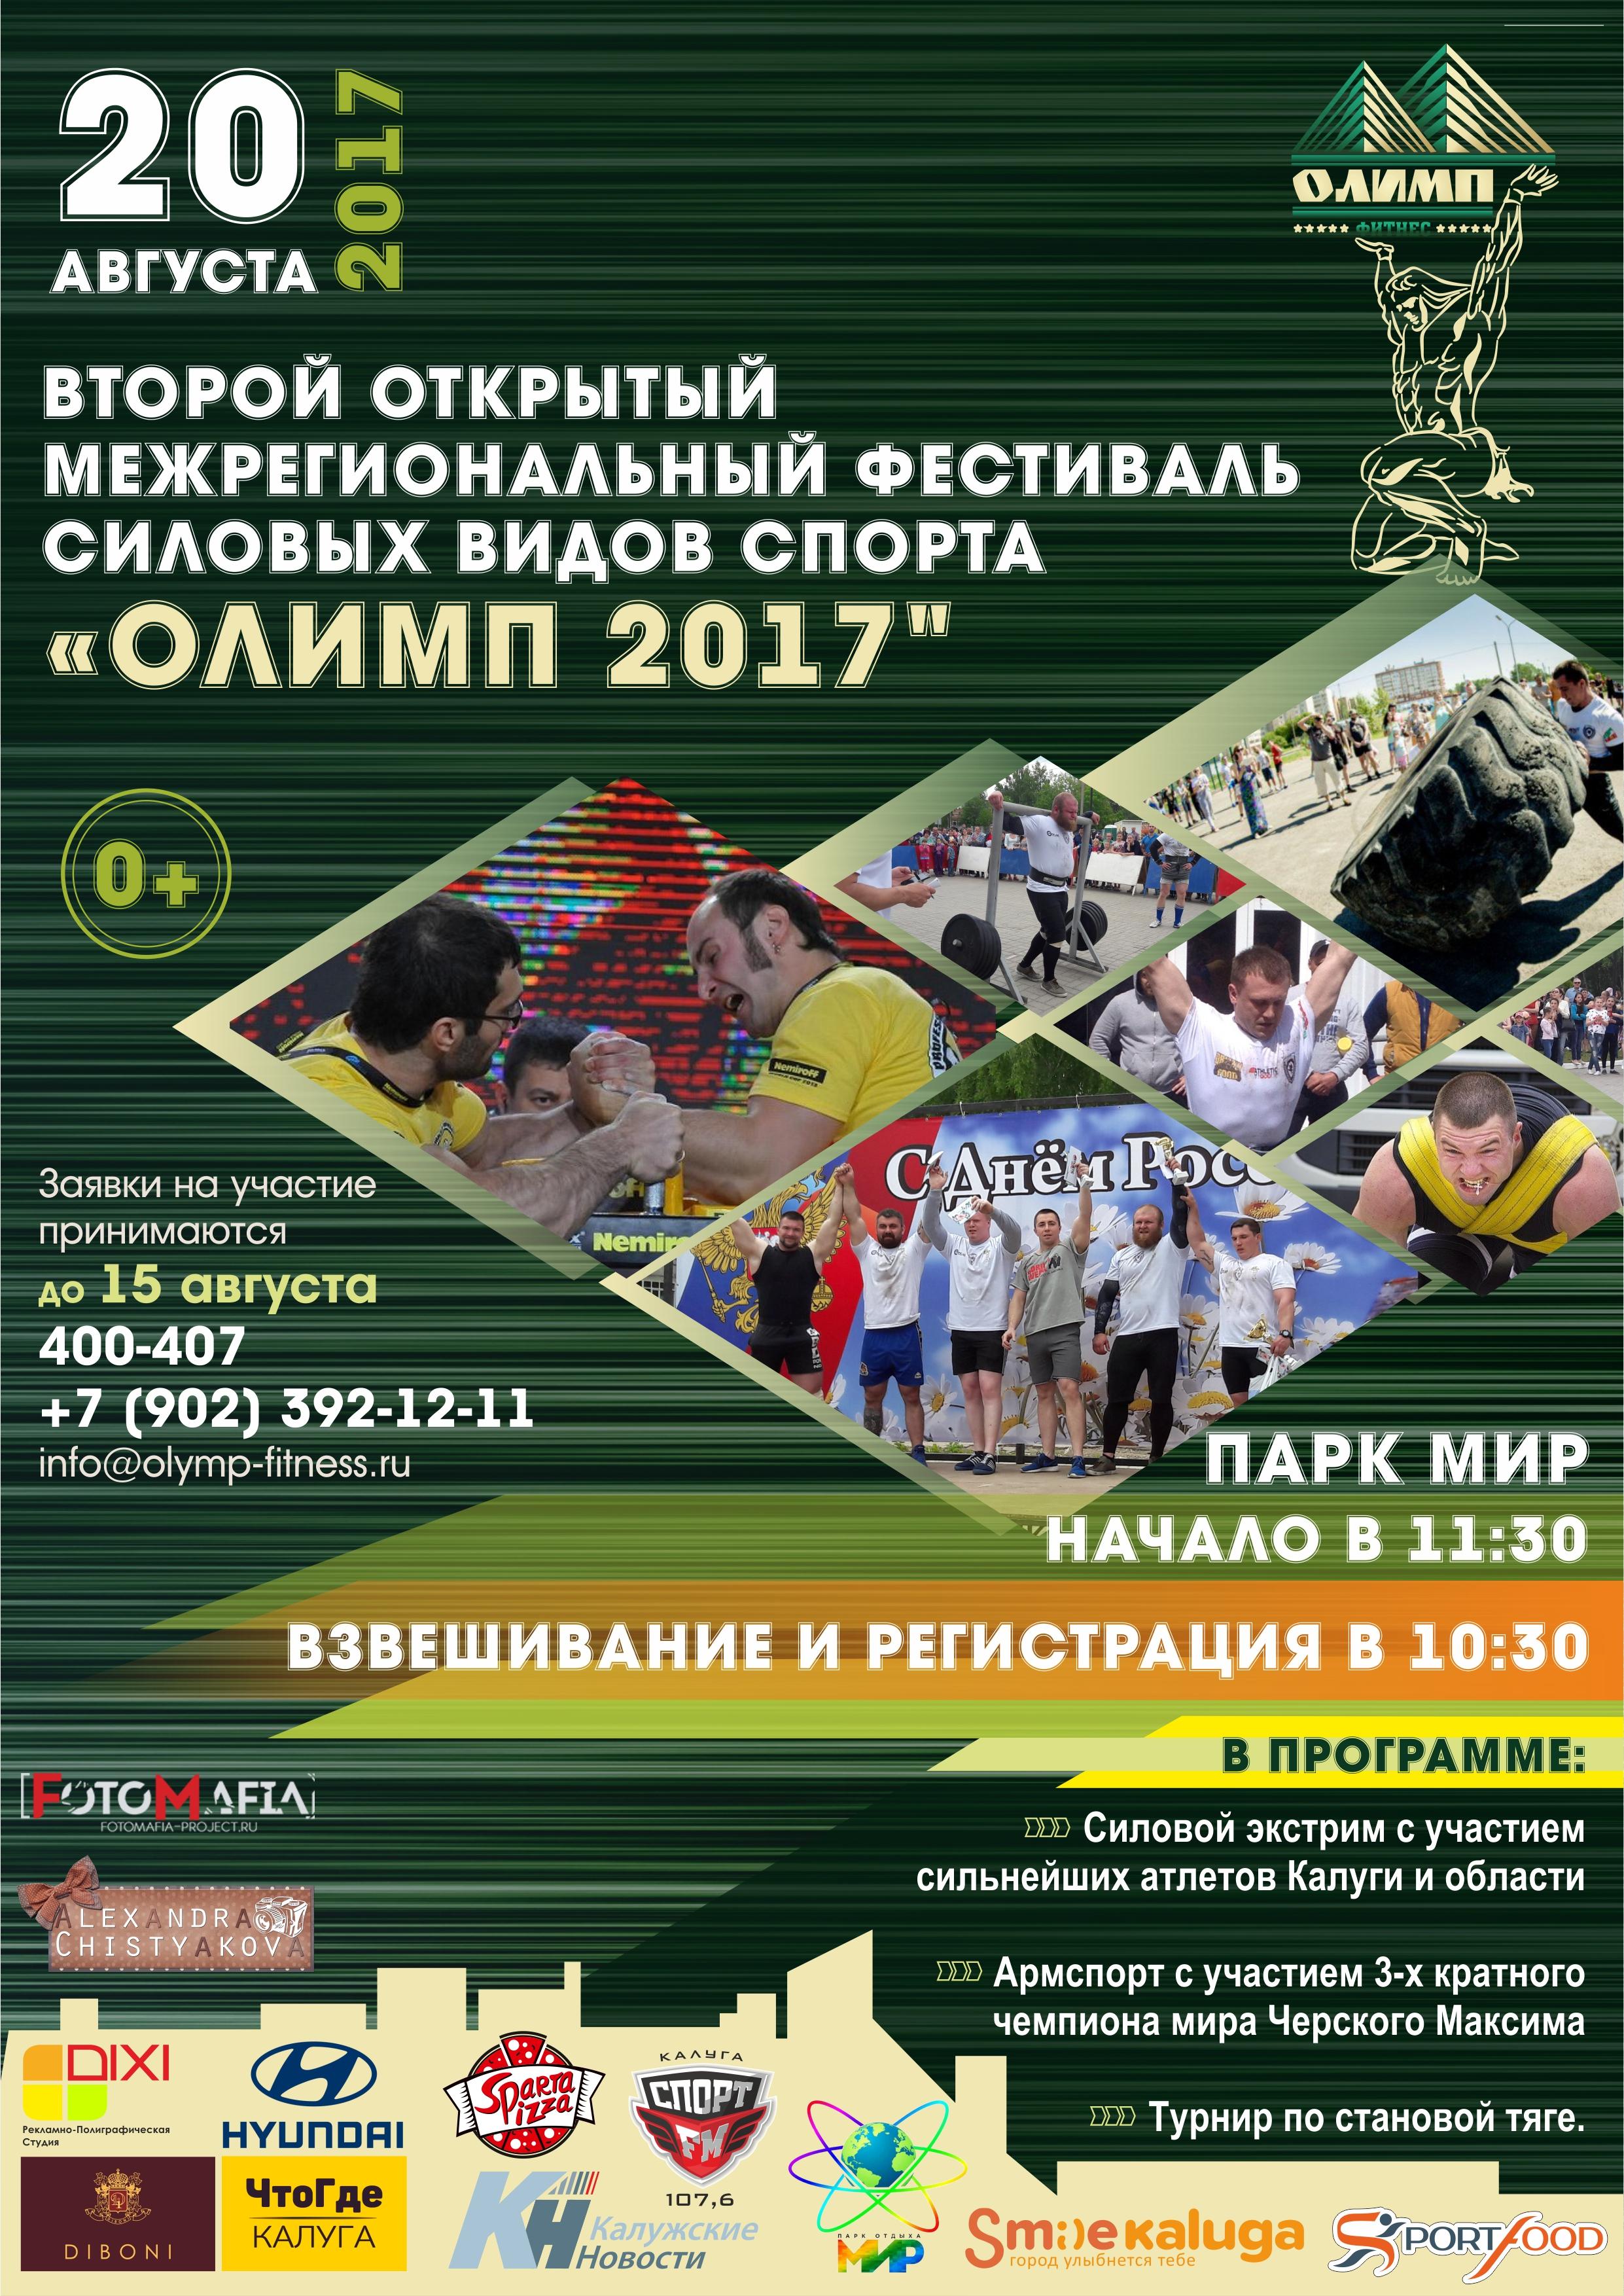 Фестиваль силовых видов спорта «Олимп 2017″ в парке Мир